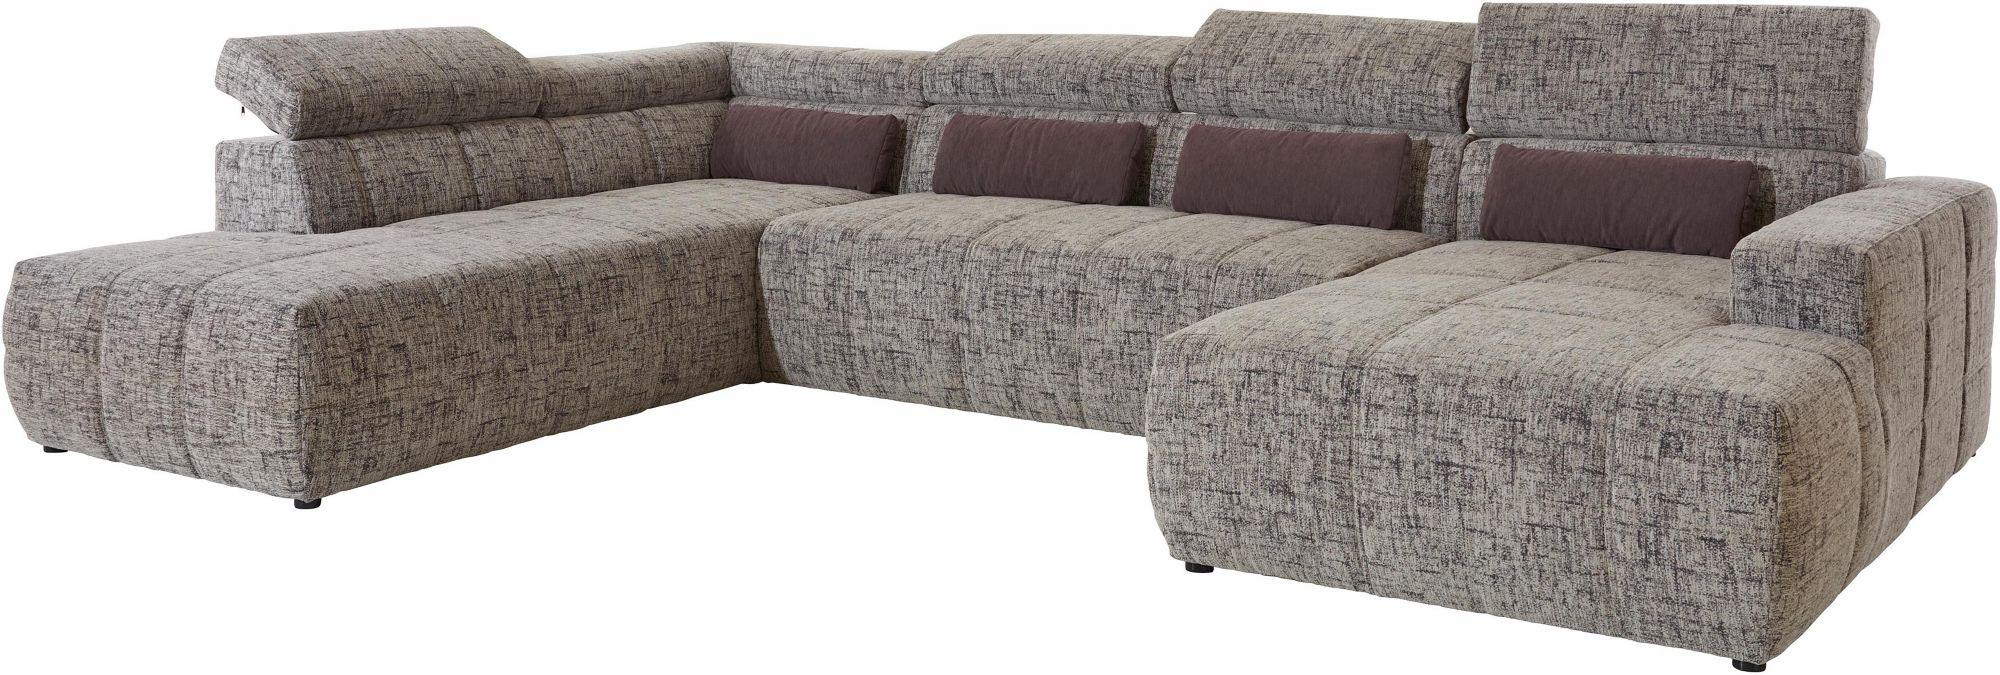 wohnlandschaft kopfteilverstellung g nstig online kaufen beim schwab versand. Black Bedroom Furniture Sets. Home Design Ideas